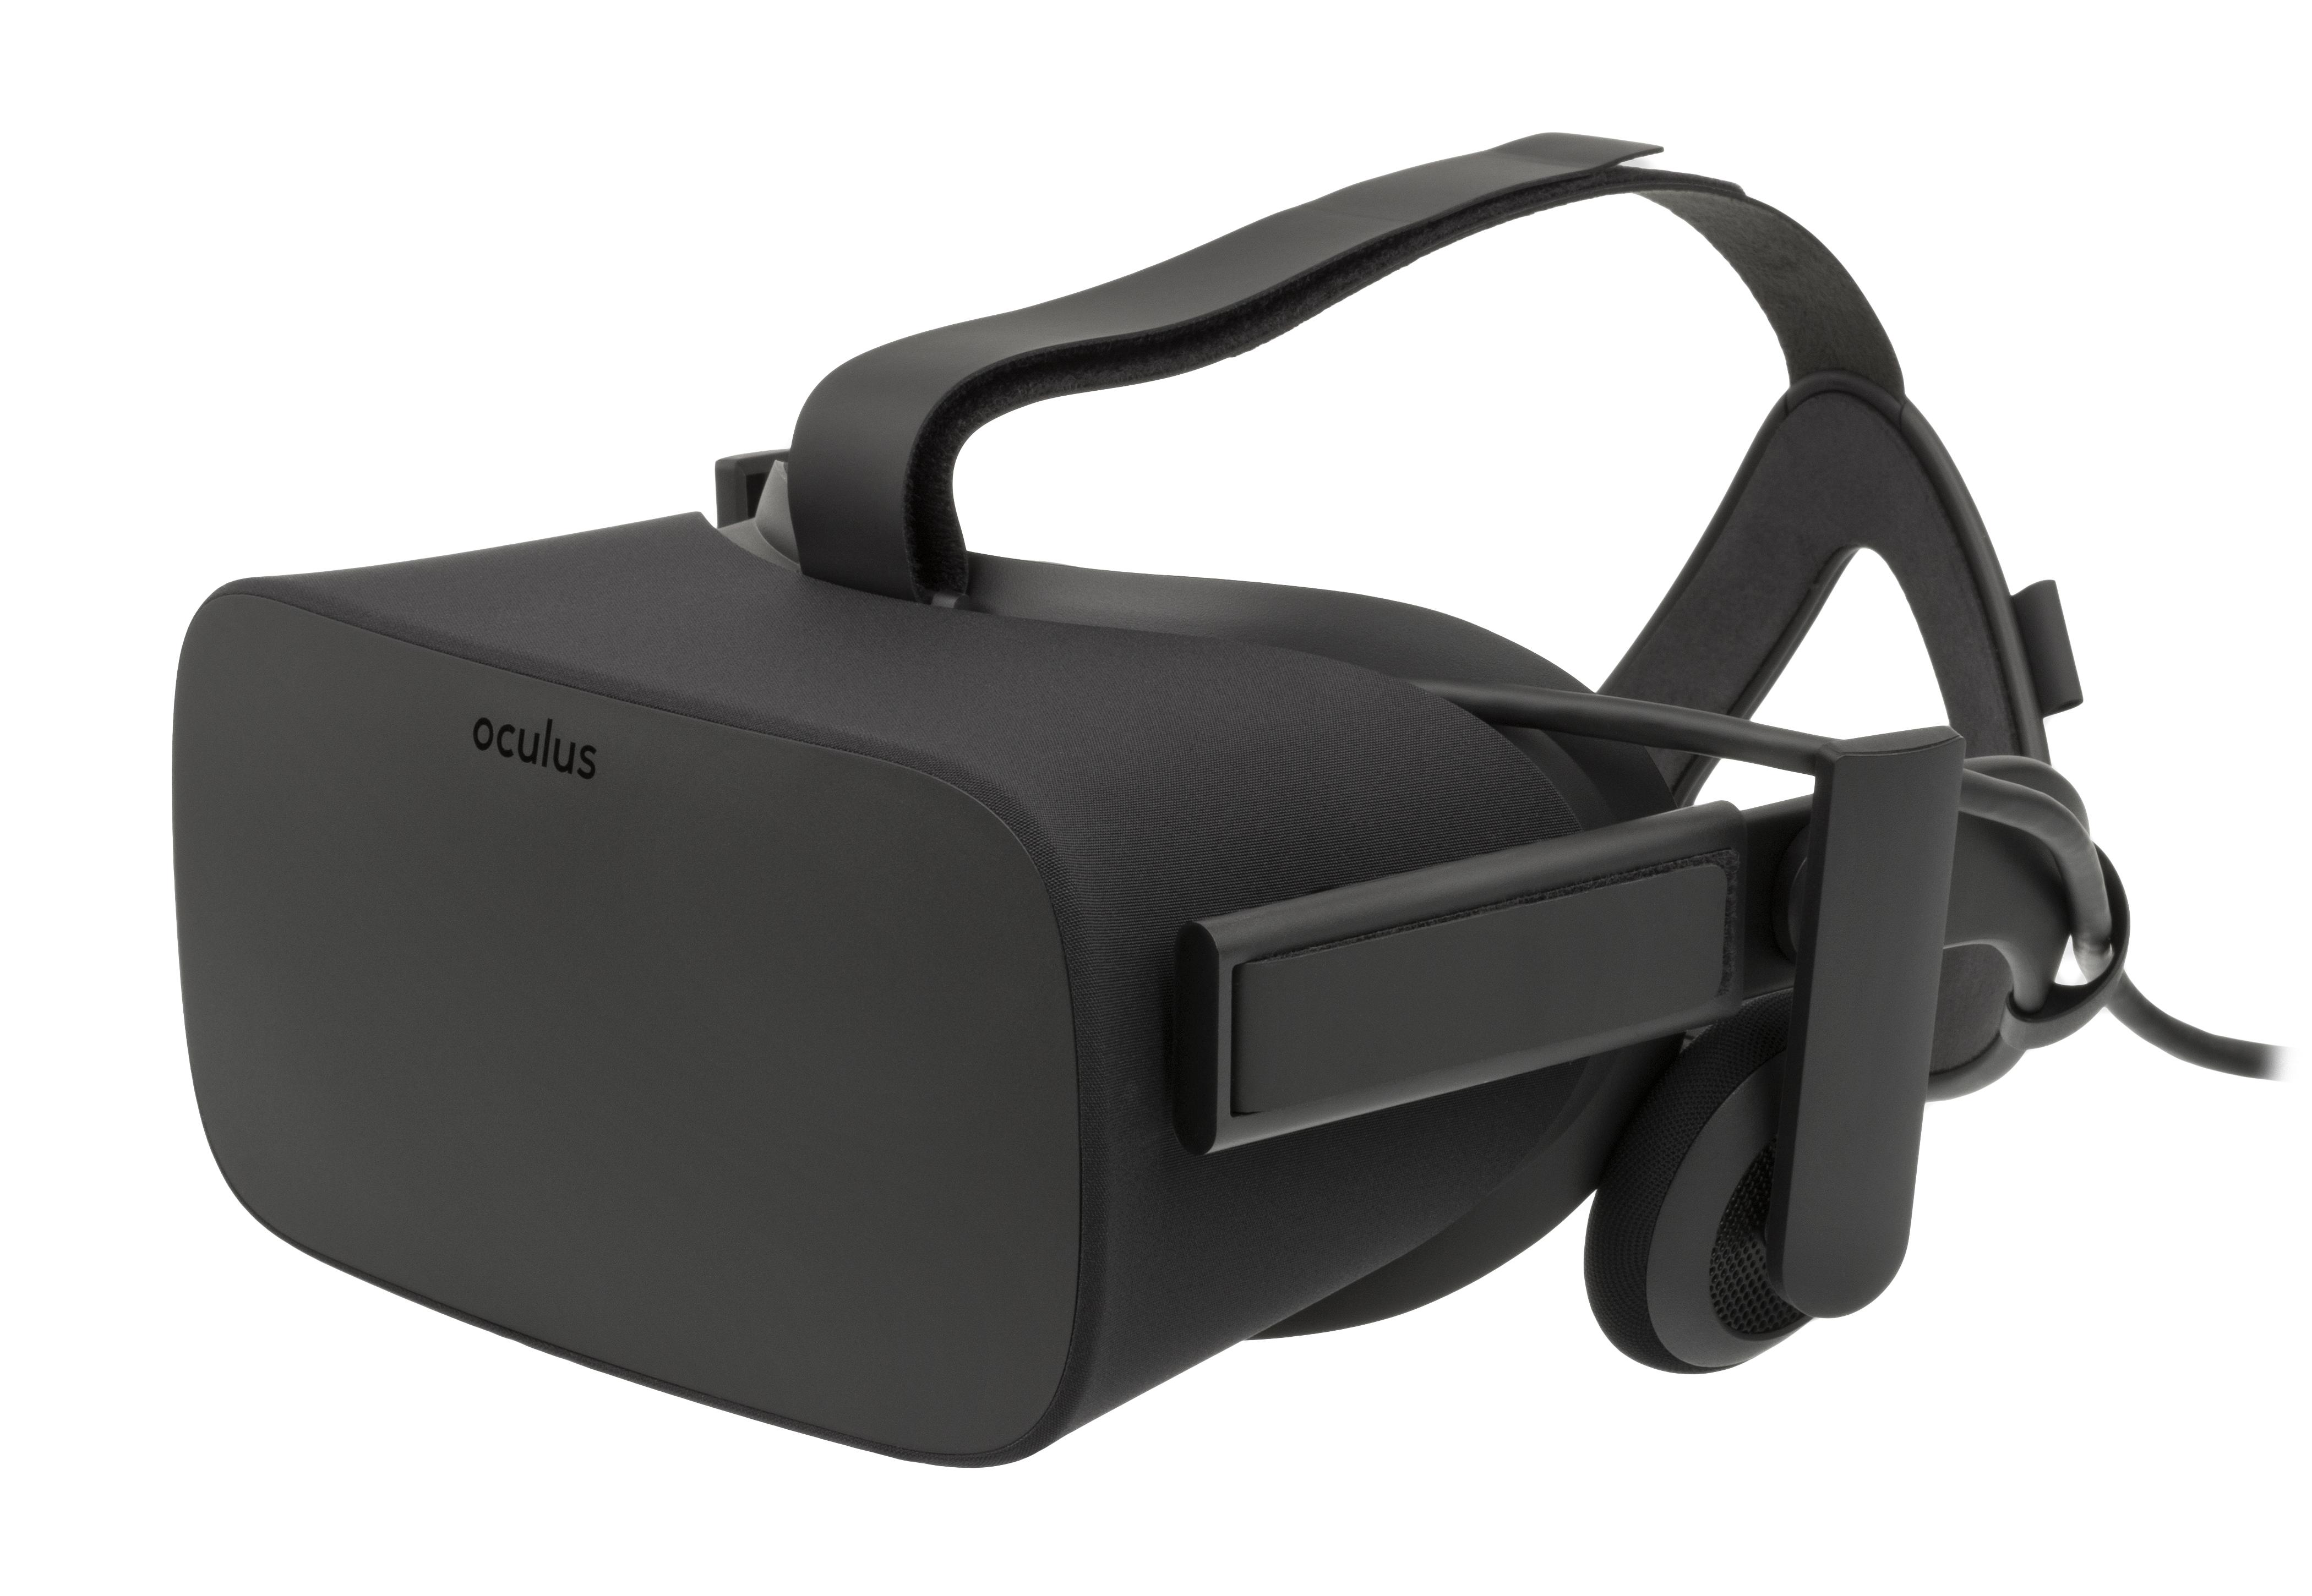 Oculus Rift - Wikipedia